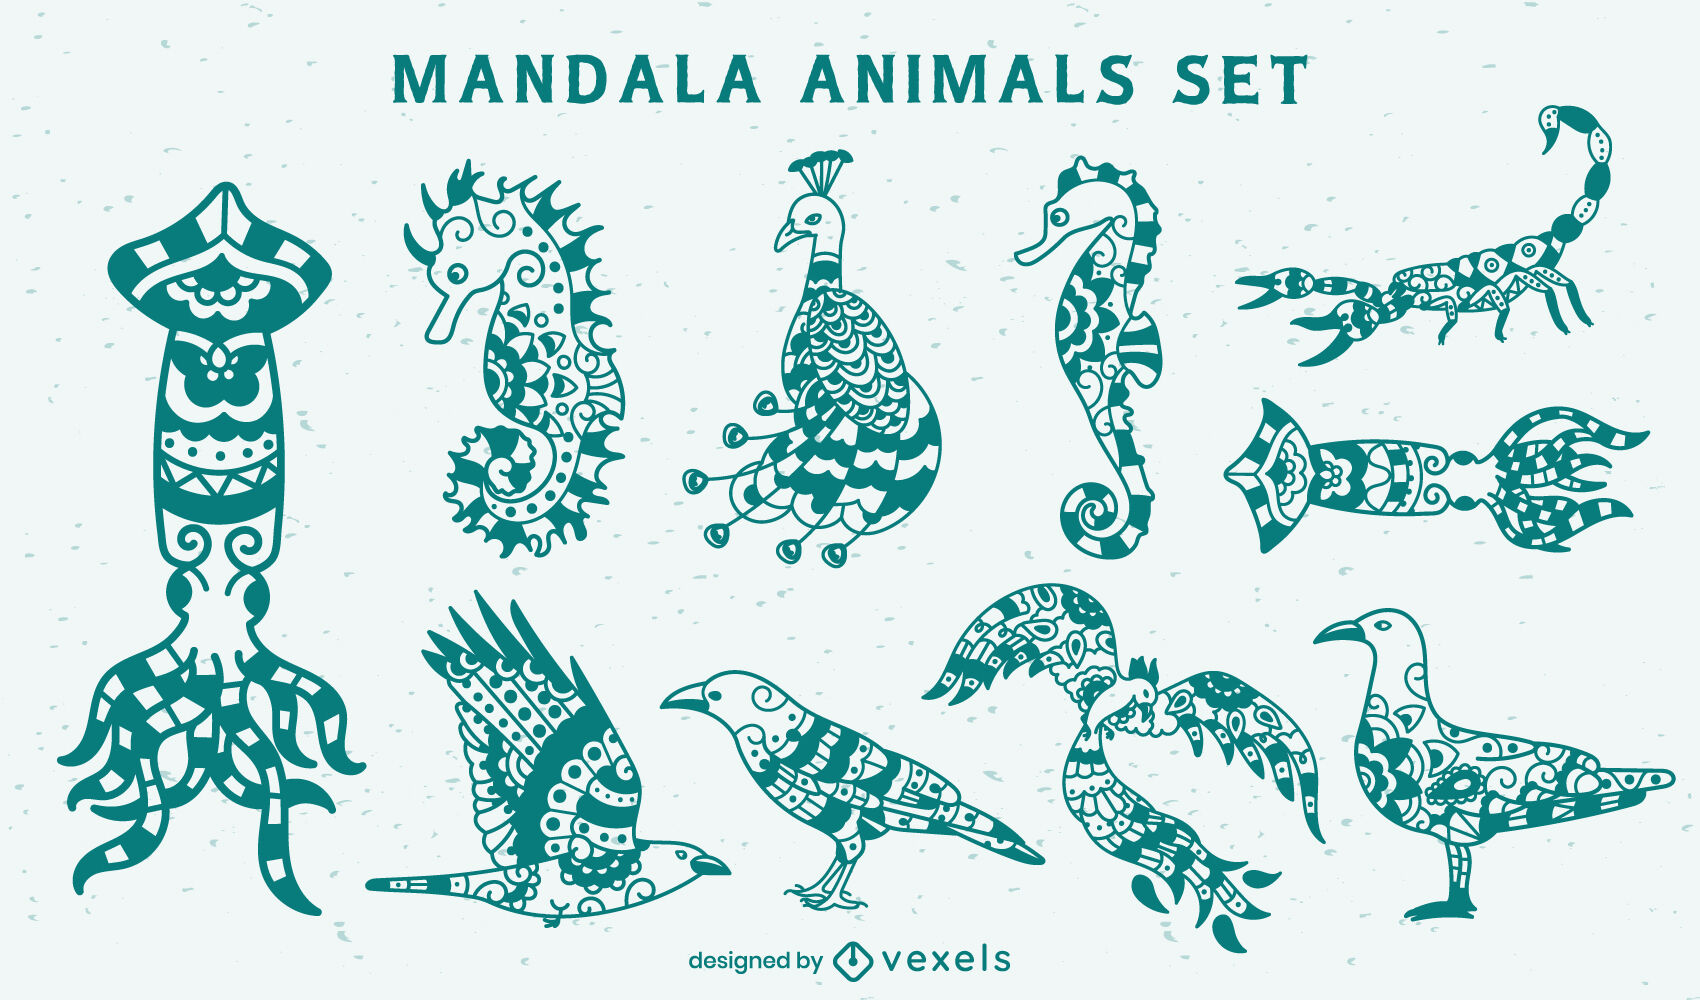 Animals set in mandala style